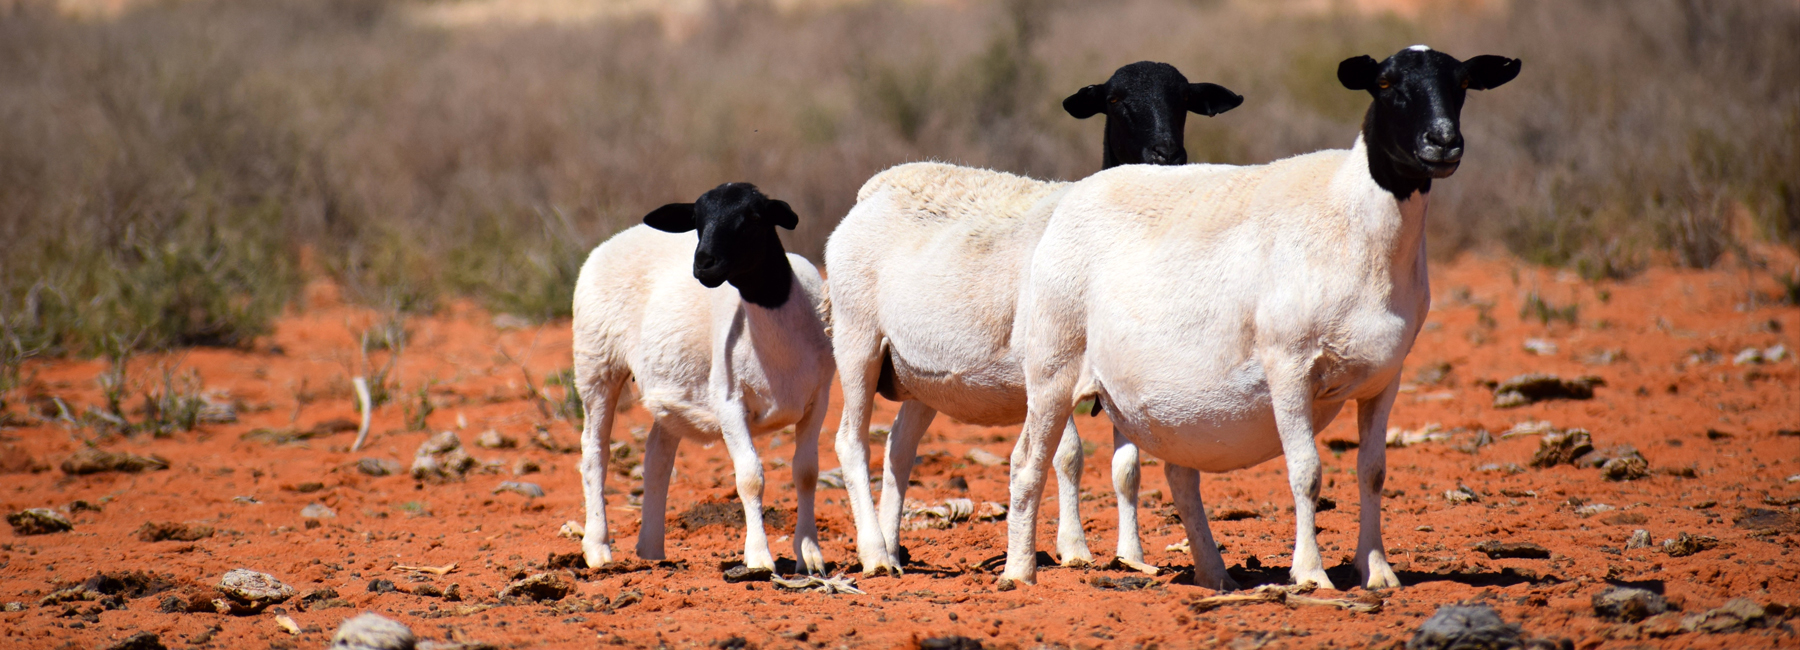 Feedmaster Sheep Feed